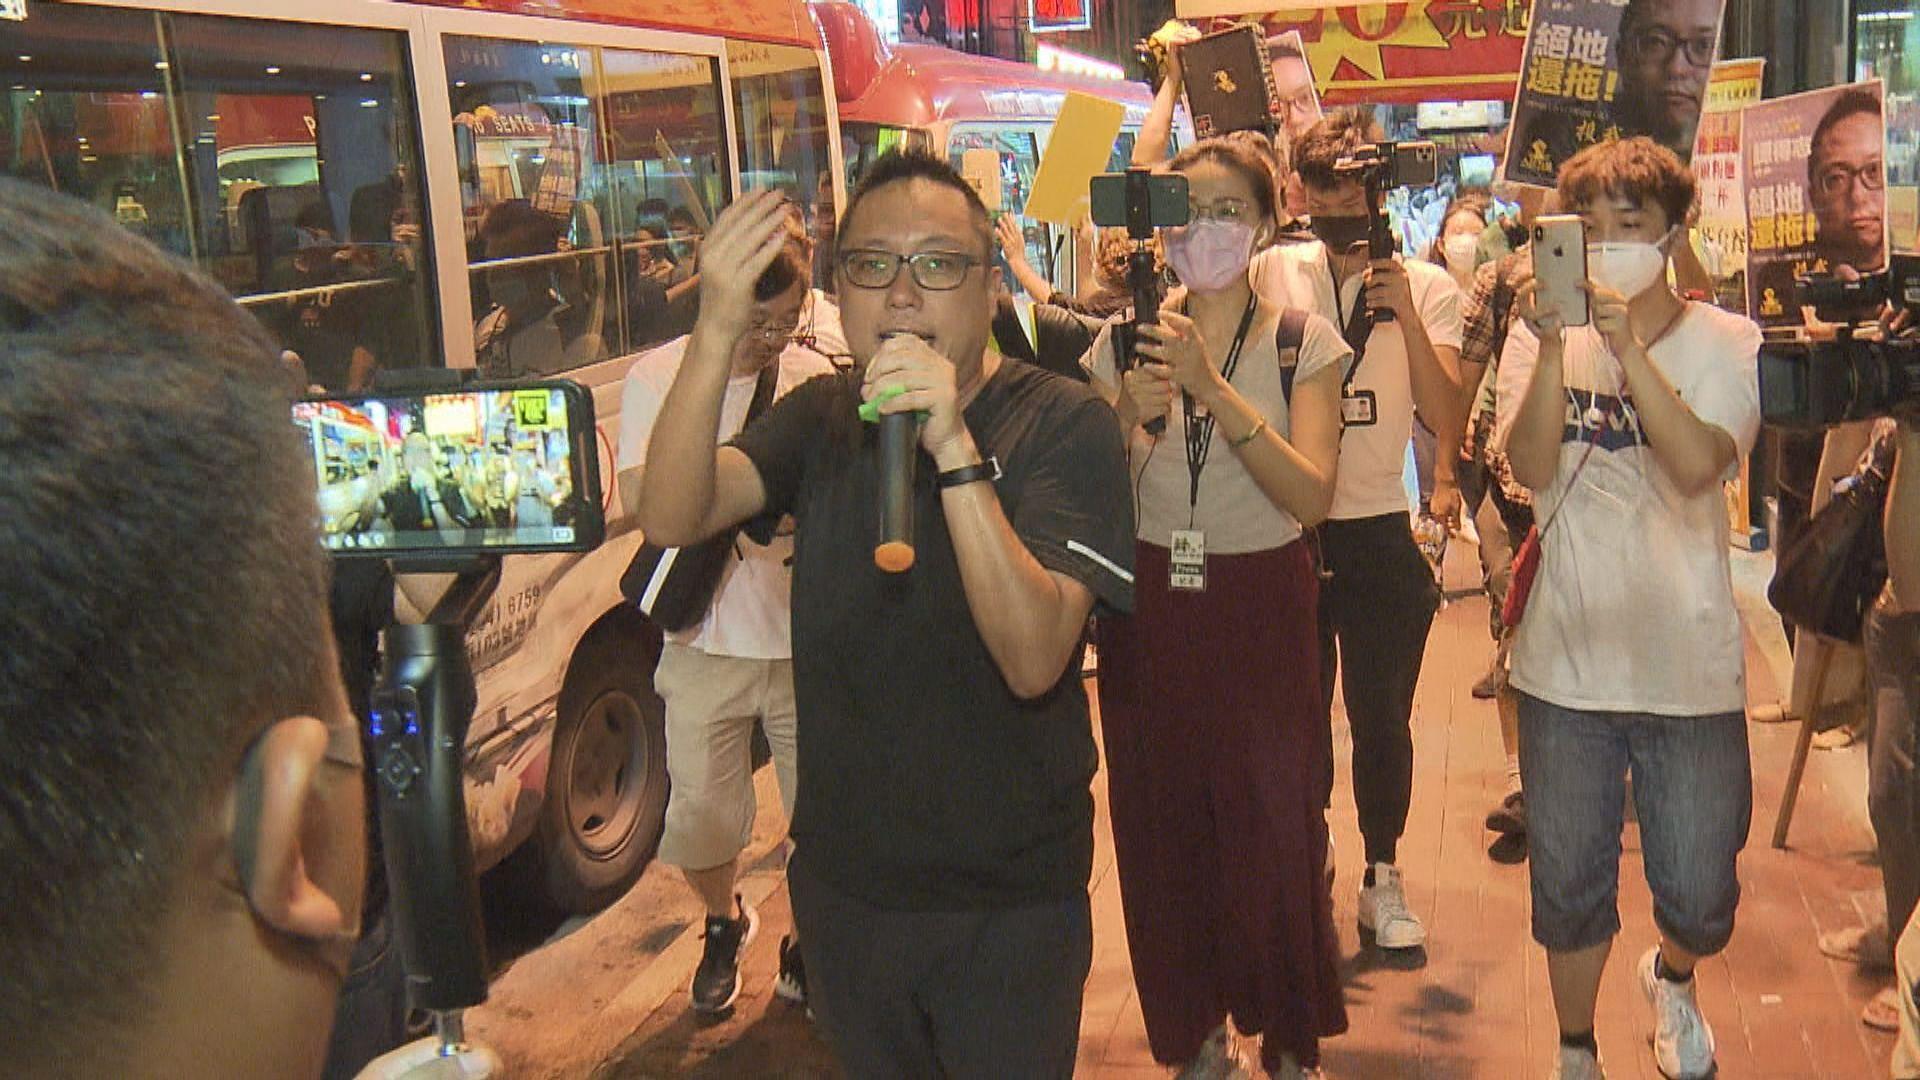 譚得志被控發表煽動文字 法庭處理辯方終止聆訊申請